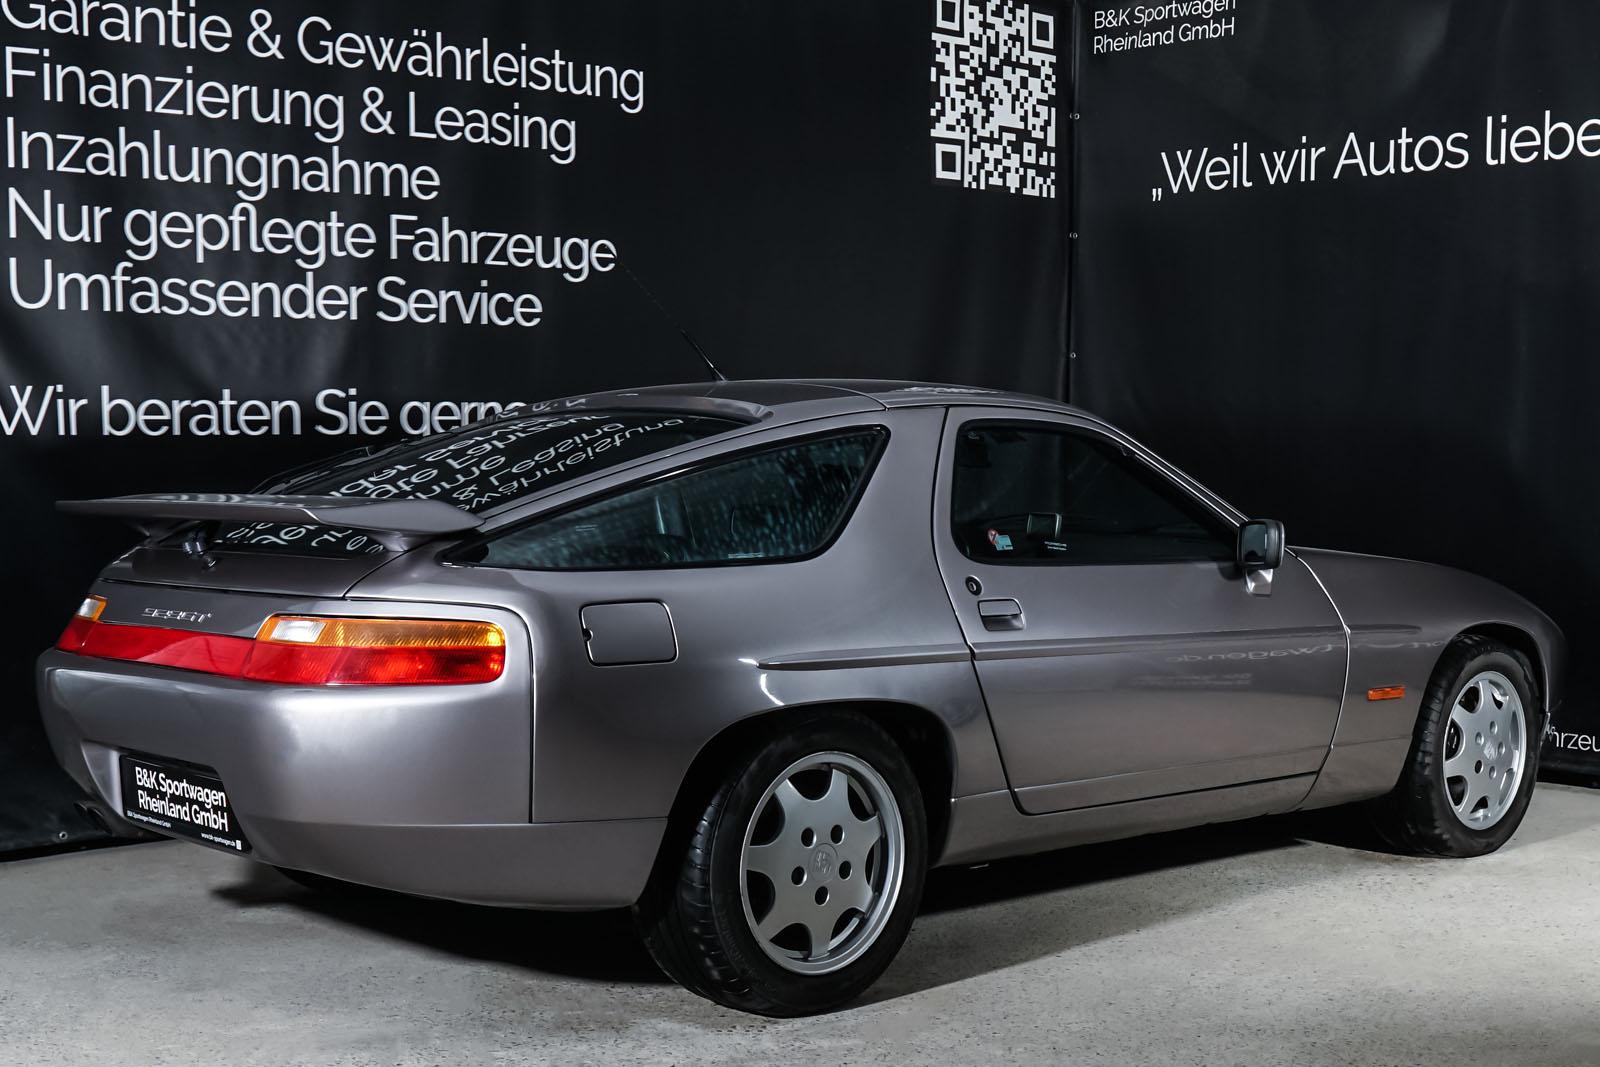 Porsche_928_Grey_Black_POR-0325_14_w